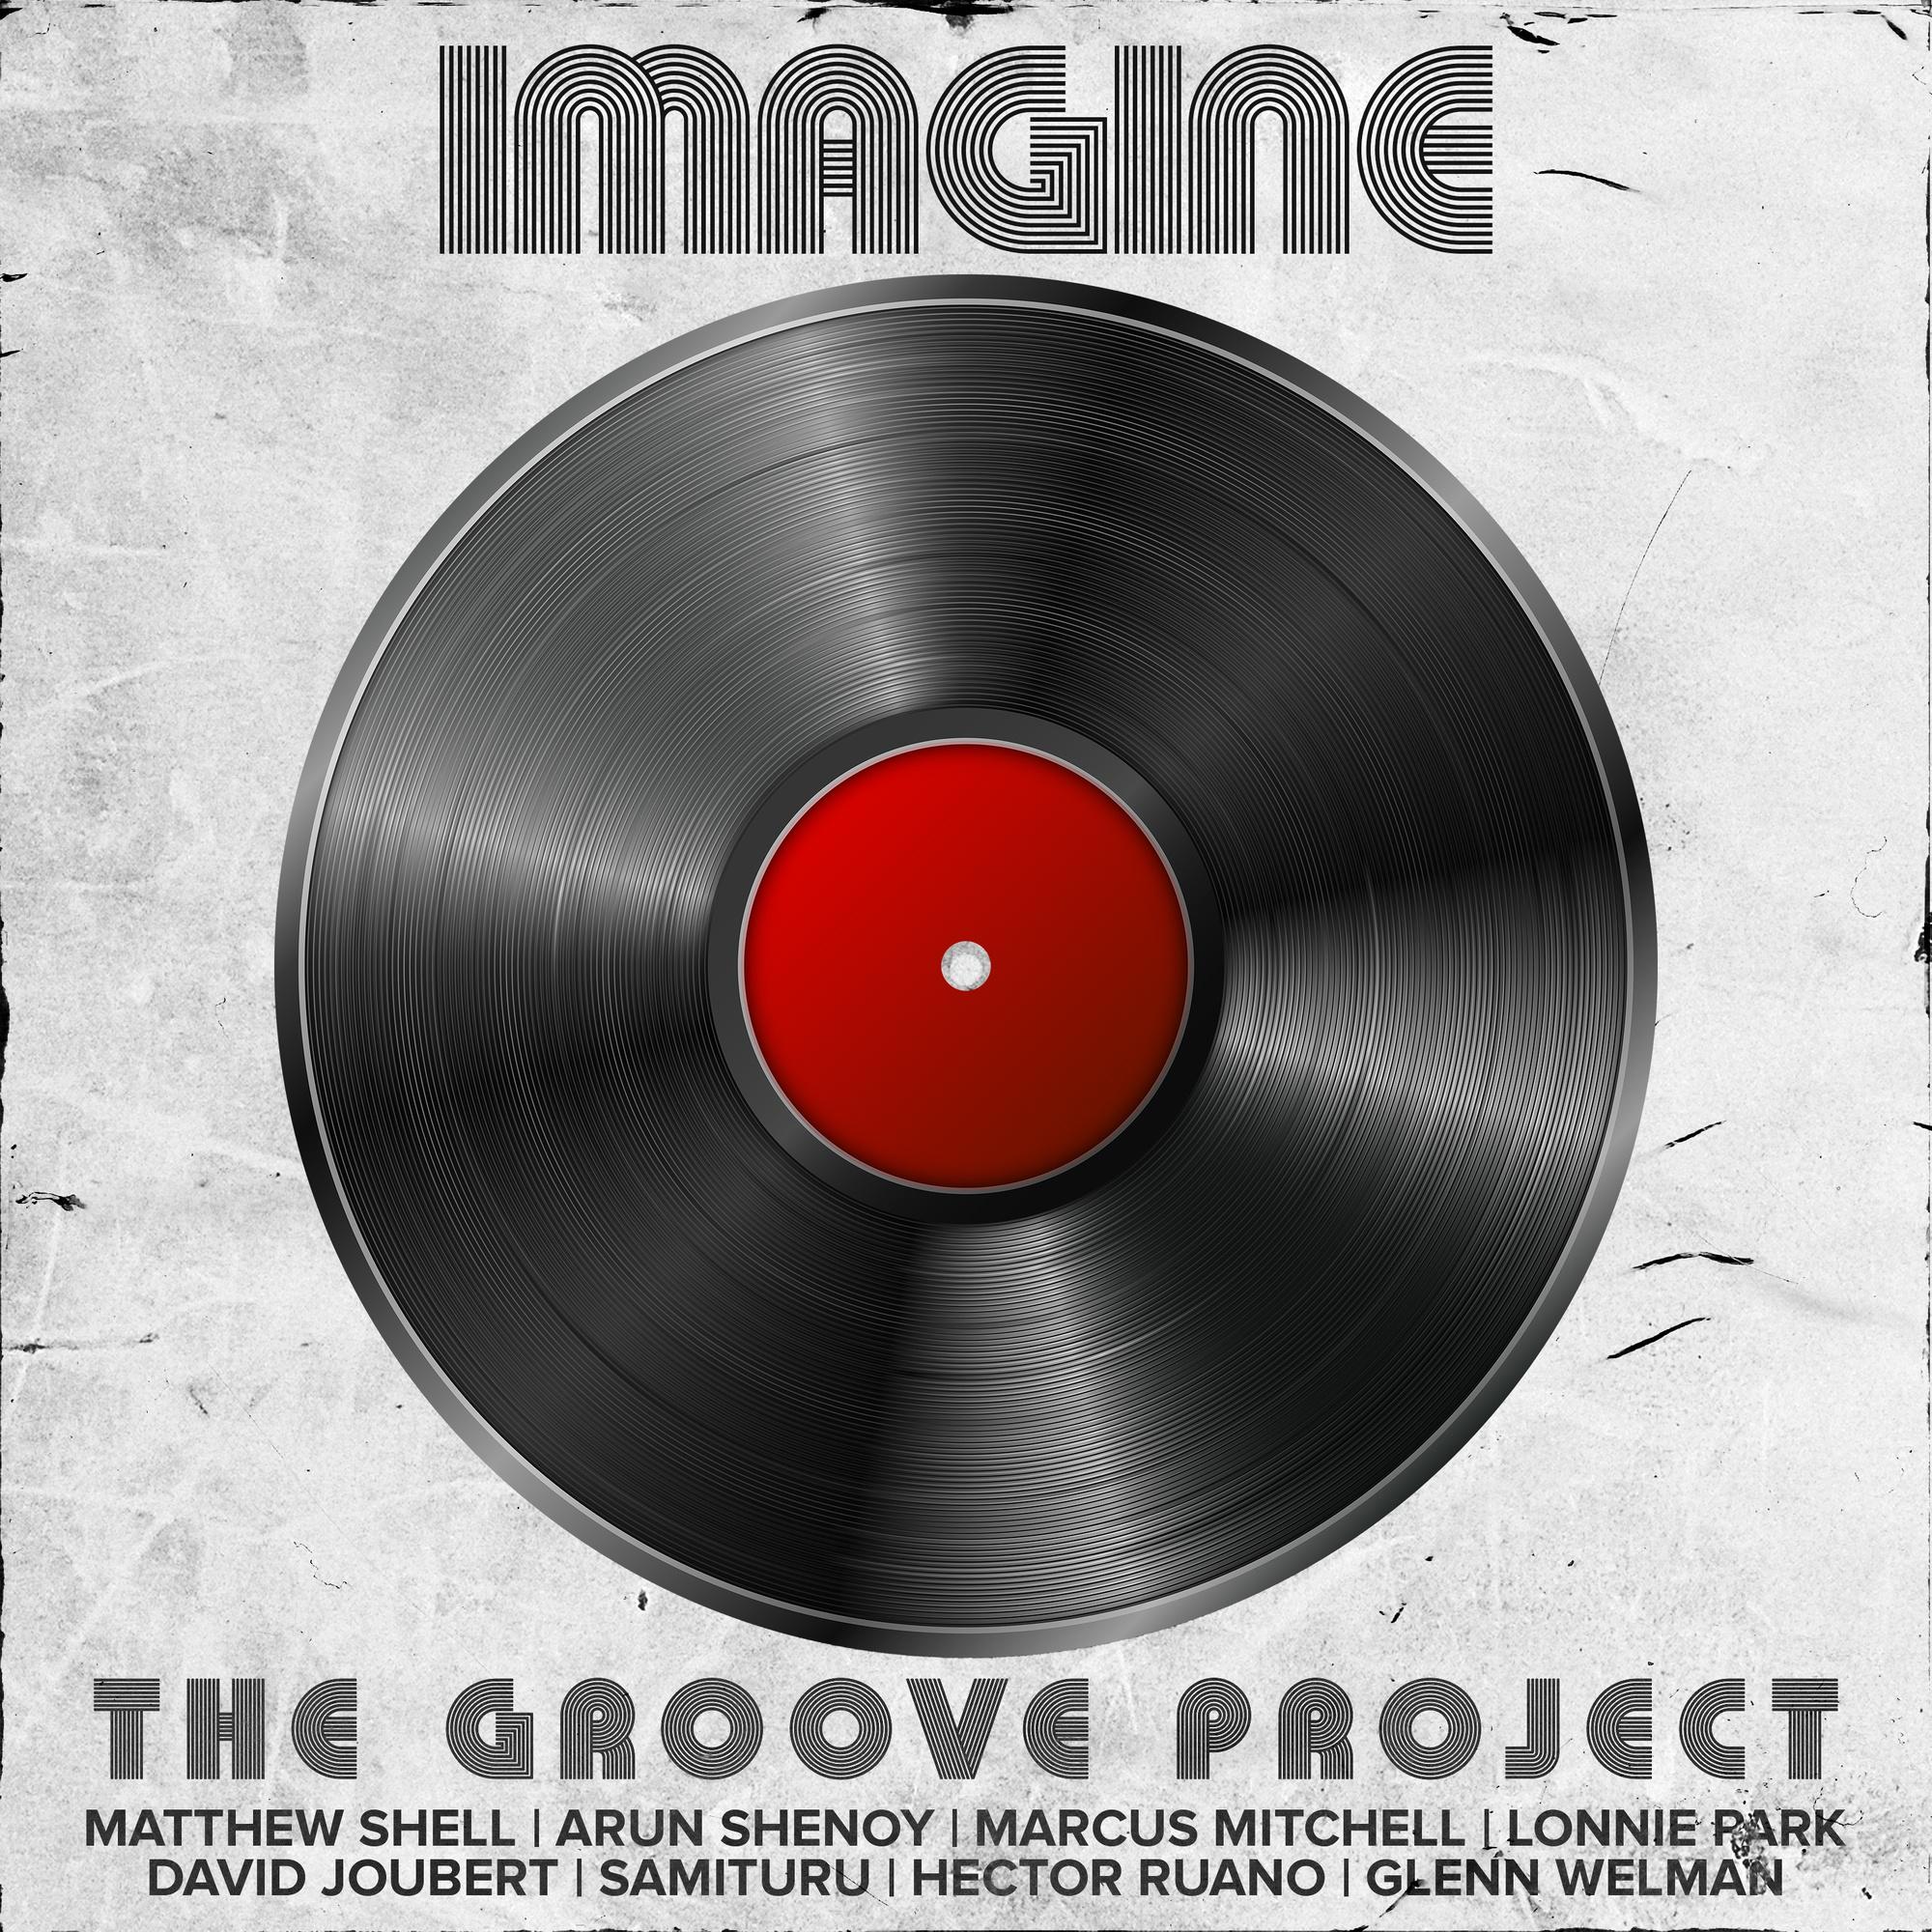 13. Imagine